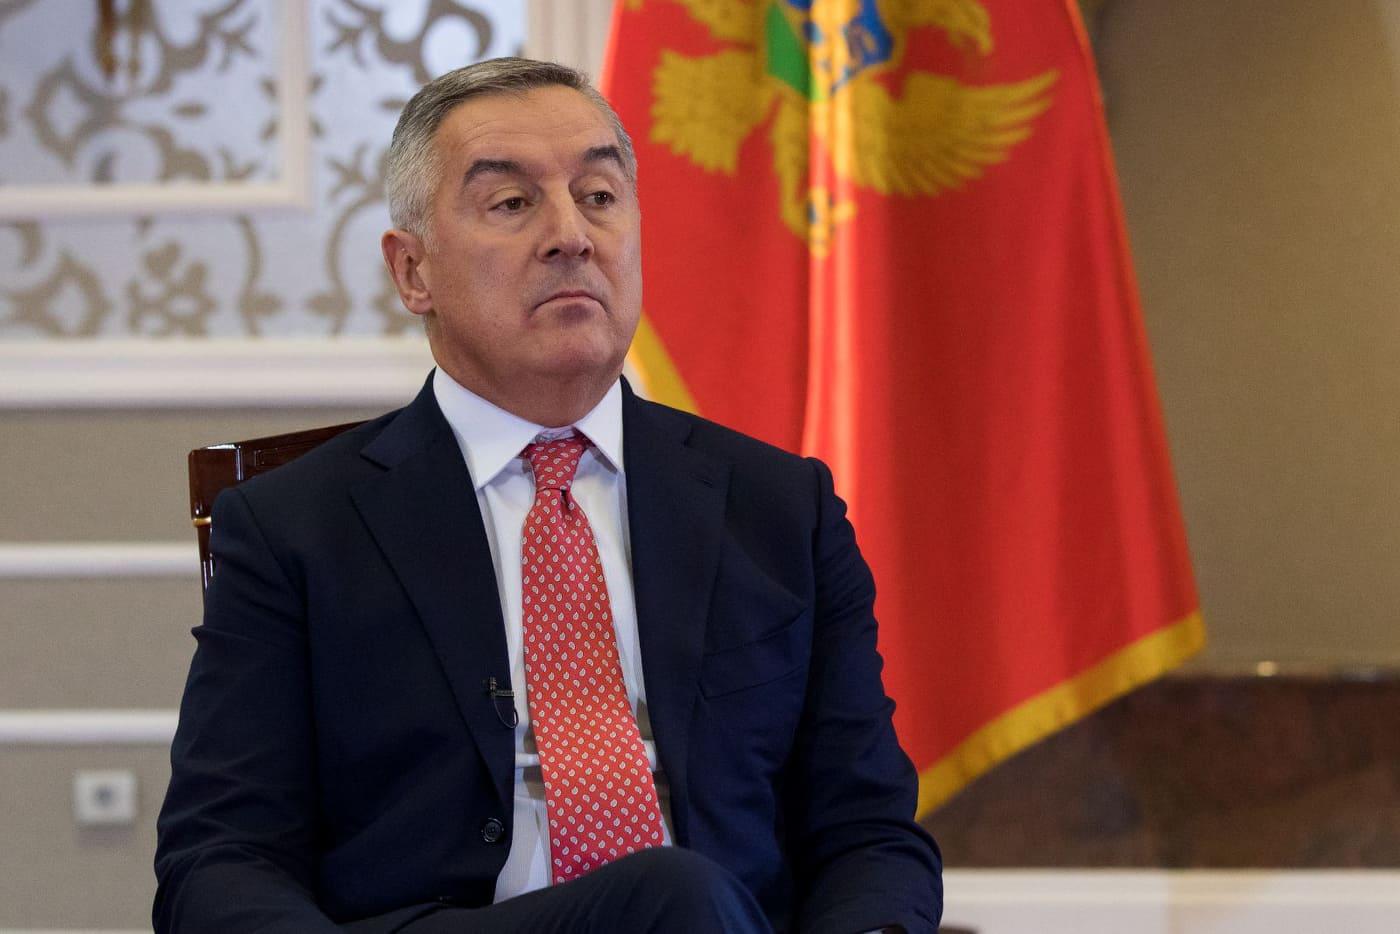 Đukanović: Potpisaću ponovo izglasane zakone, ne i opoziv ambasadora, praćen nekorektnim i revanšističkim javnim obrazloženjem